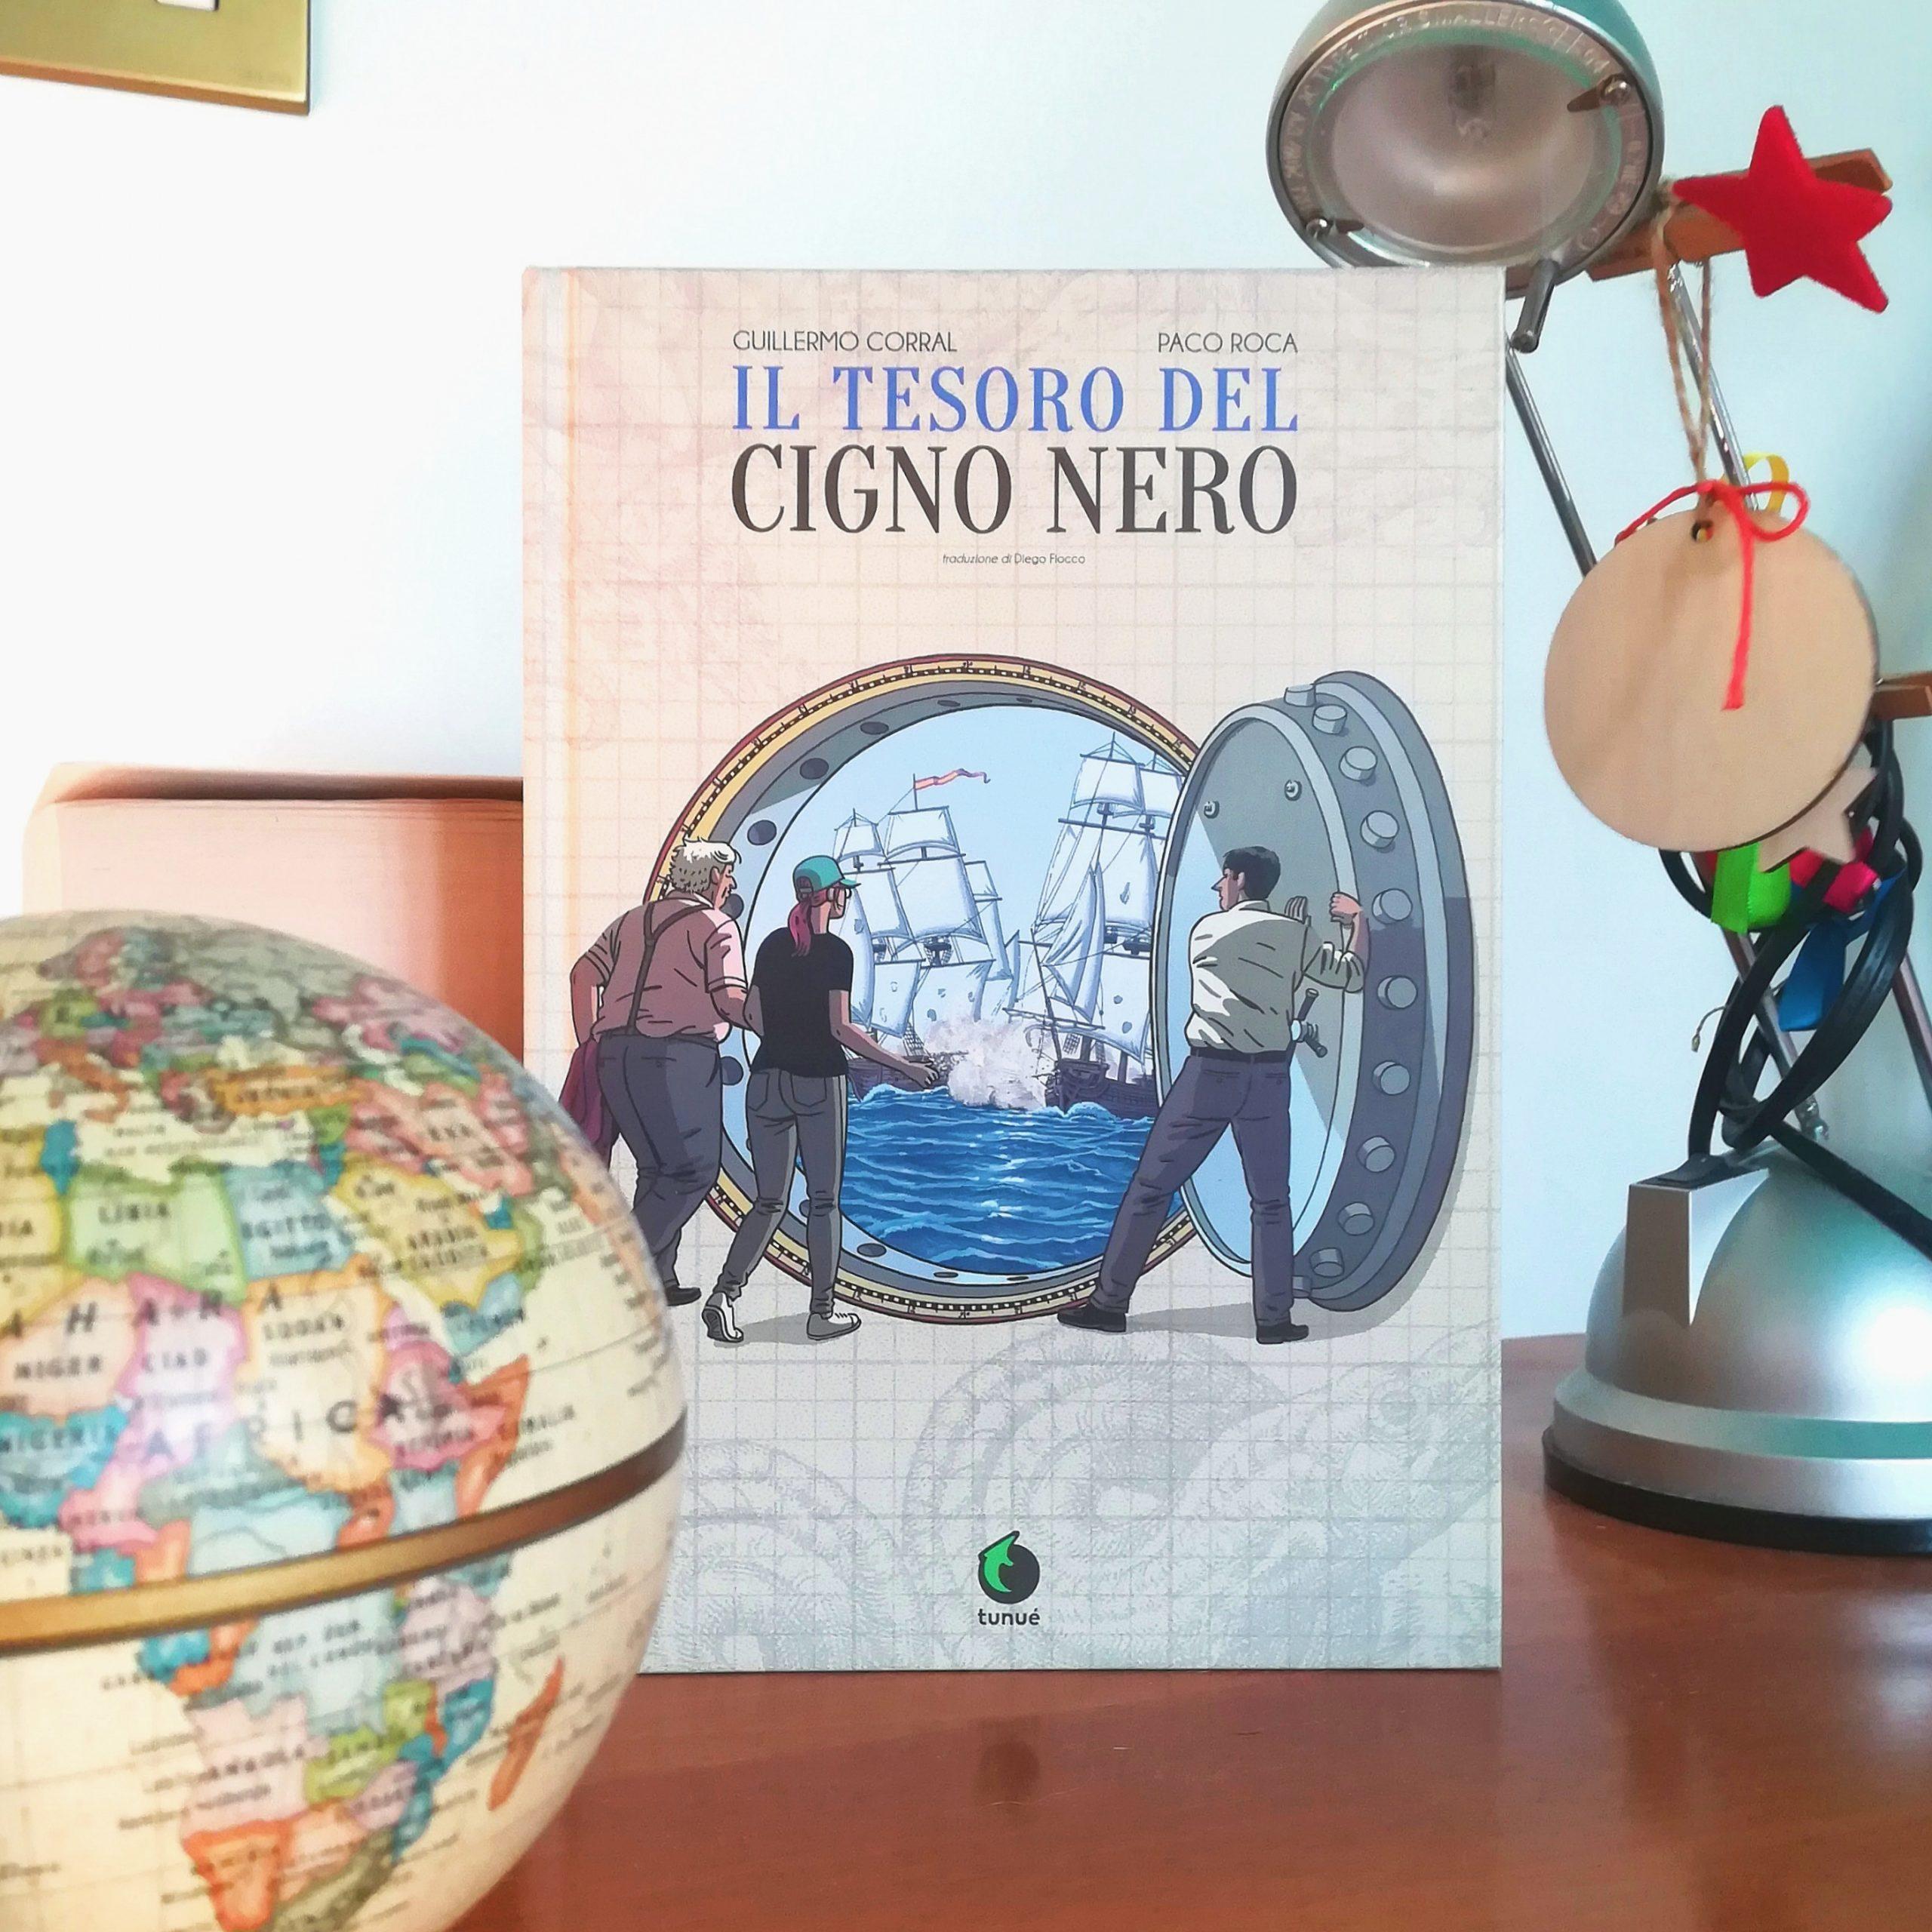 Copertina de Il tesoro del Cigno Nero di Paco Roca e Guillermo Corral, edito Tunué